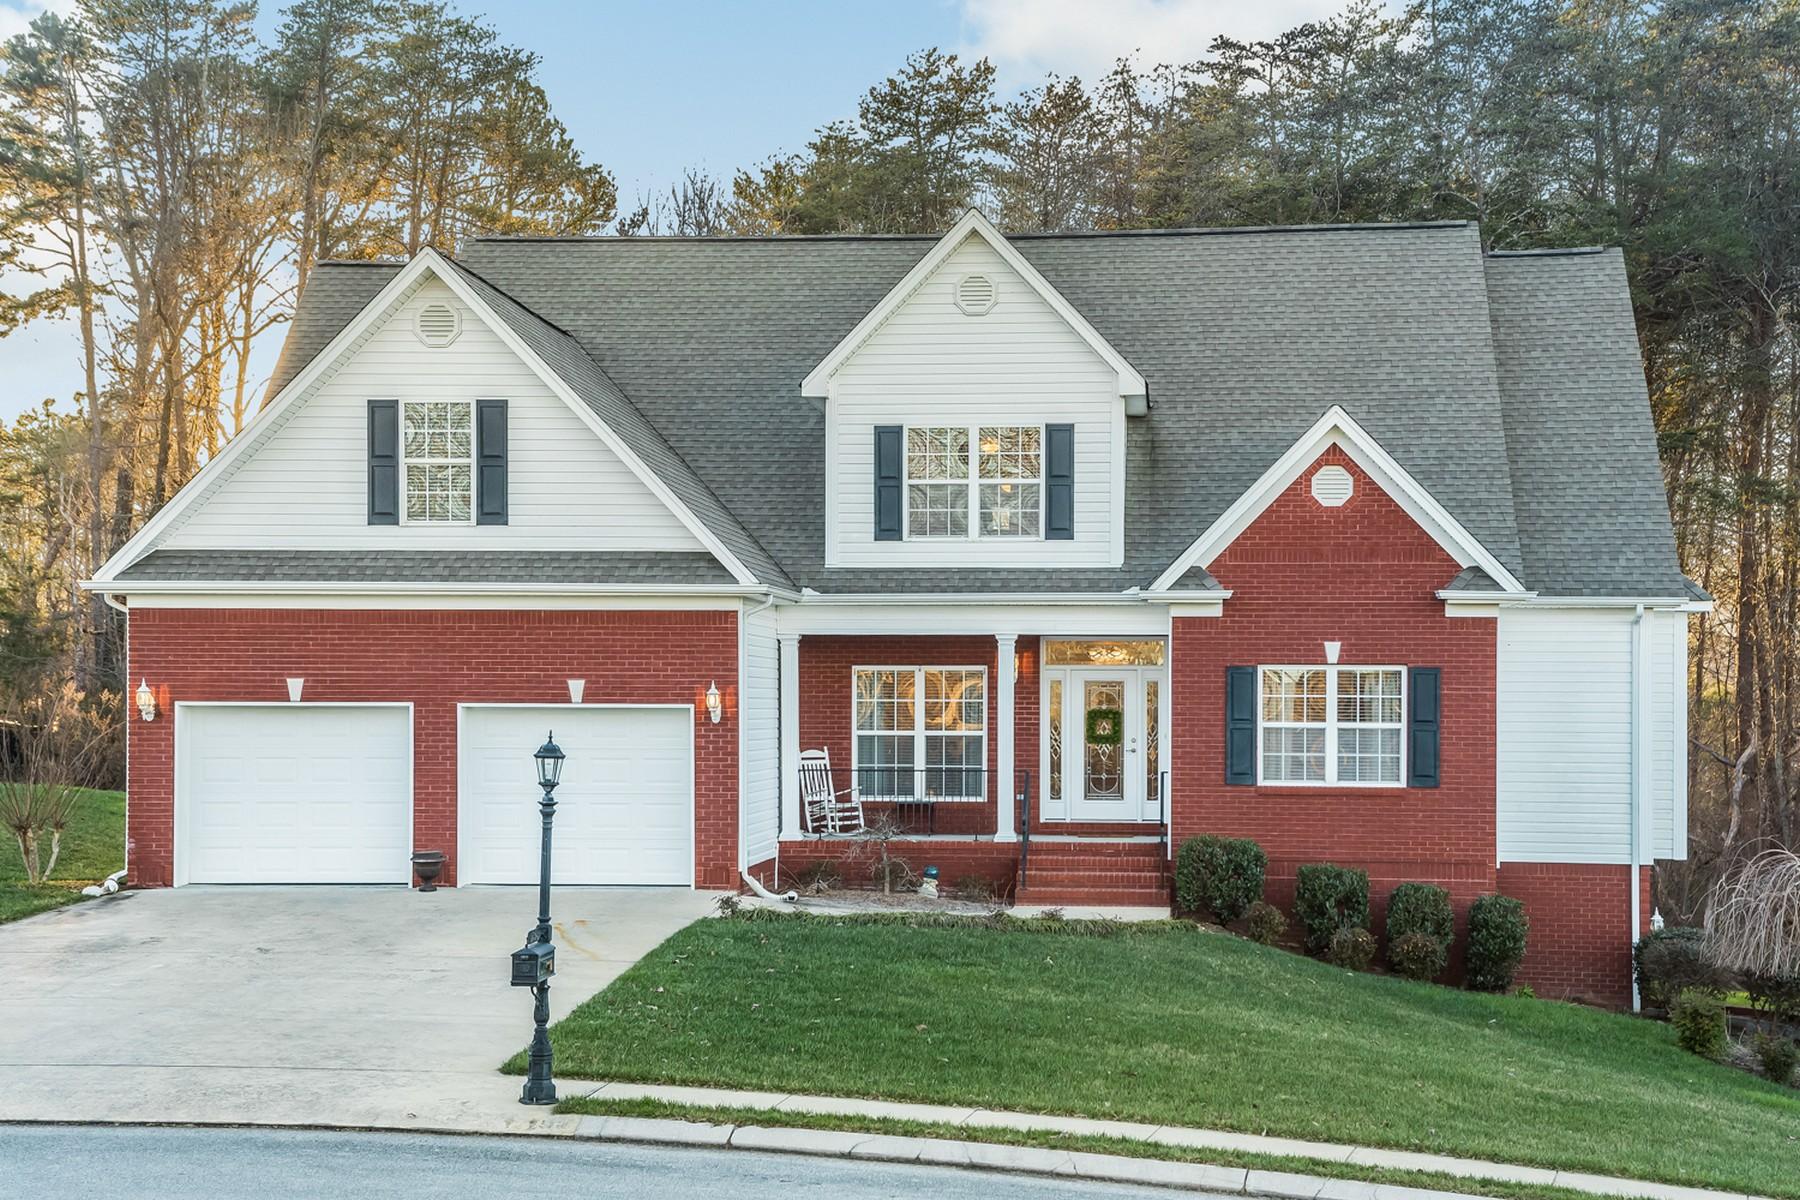 獨棟家庭住宅 為 出售 在 Lennox Pointe Traditional 12373 Nee Cee Drive Soddy Daisy, 田納西州 37379 美國